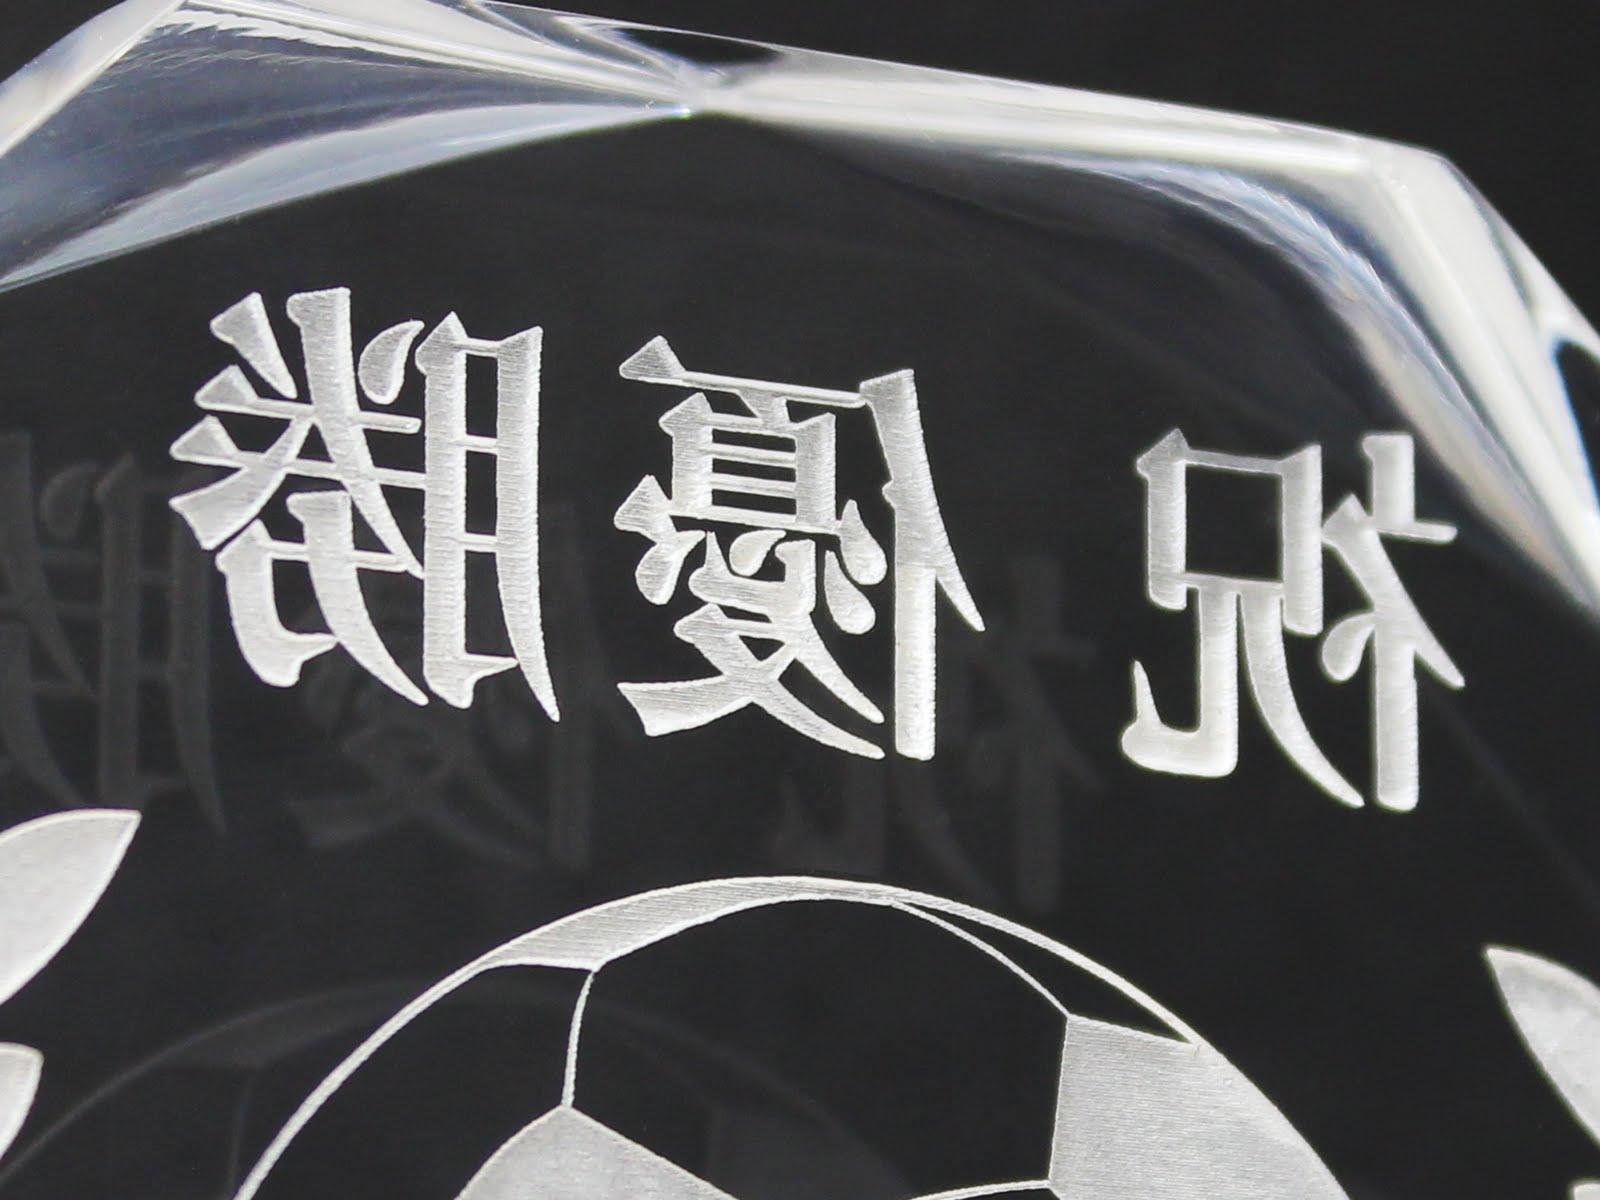 サッカーボールトロフィー作成――文字彫刻部分拡大写真